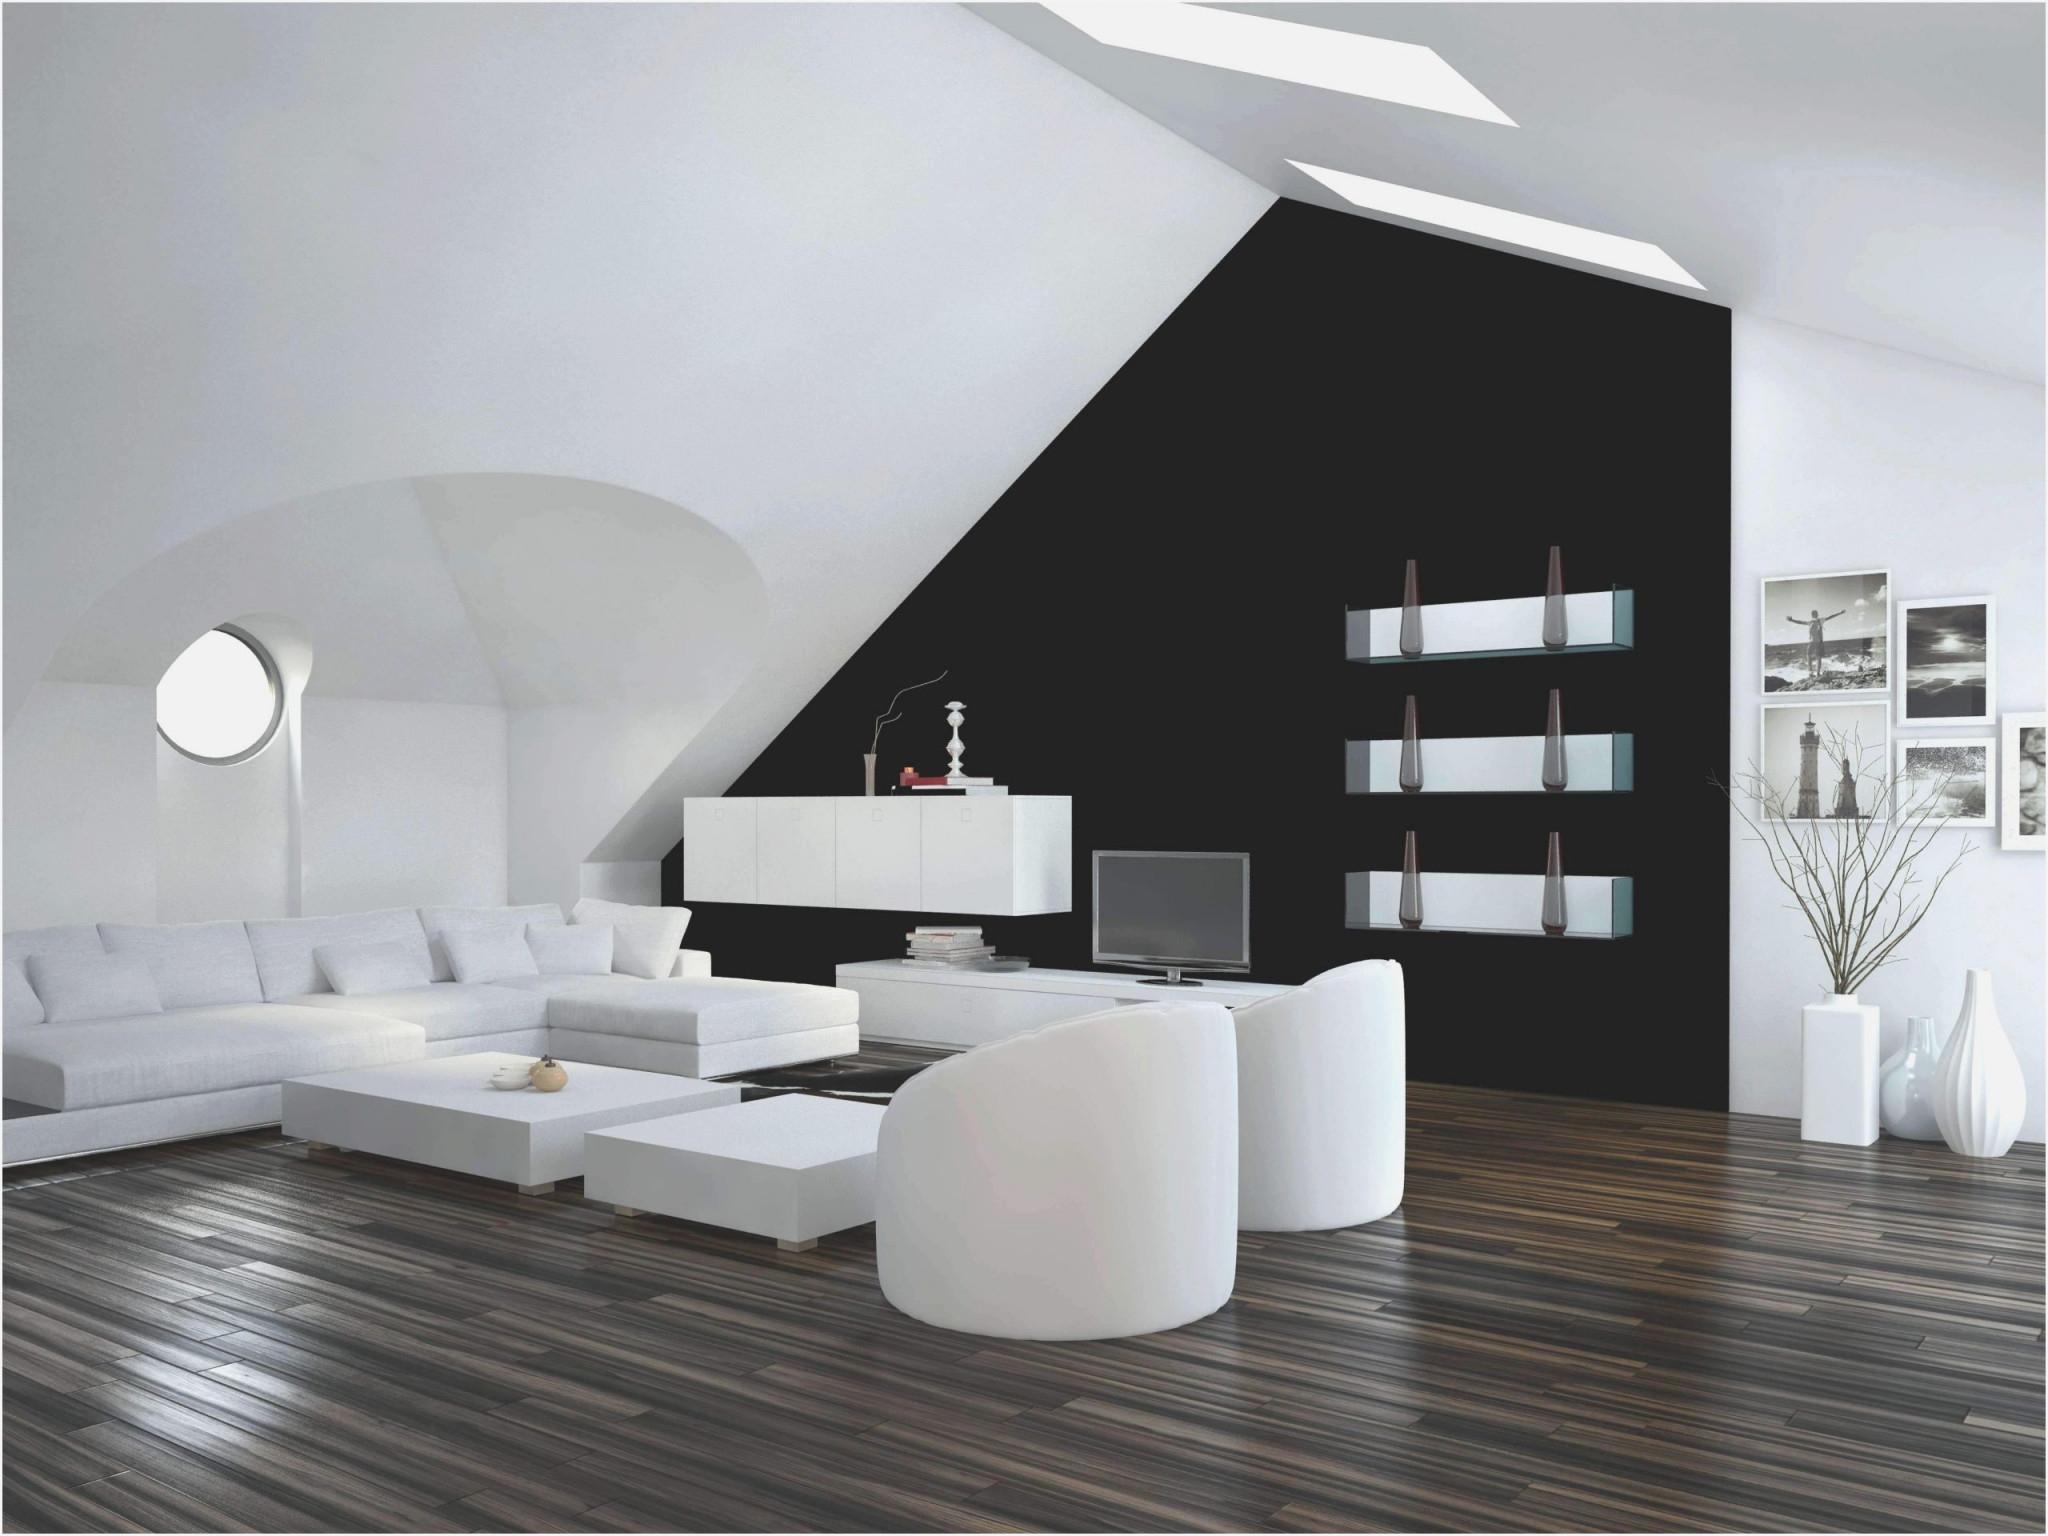 Wohnzimmer Ideen Grau Wei Schwarz  Wohnzimmer  Traumhaus von Wohnzimmer Ideen Grau Weiß Schwarz Bild